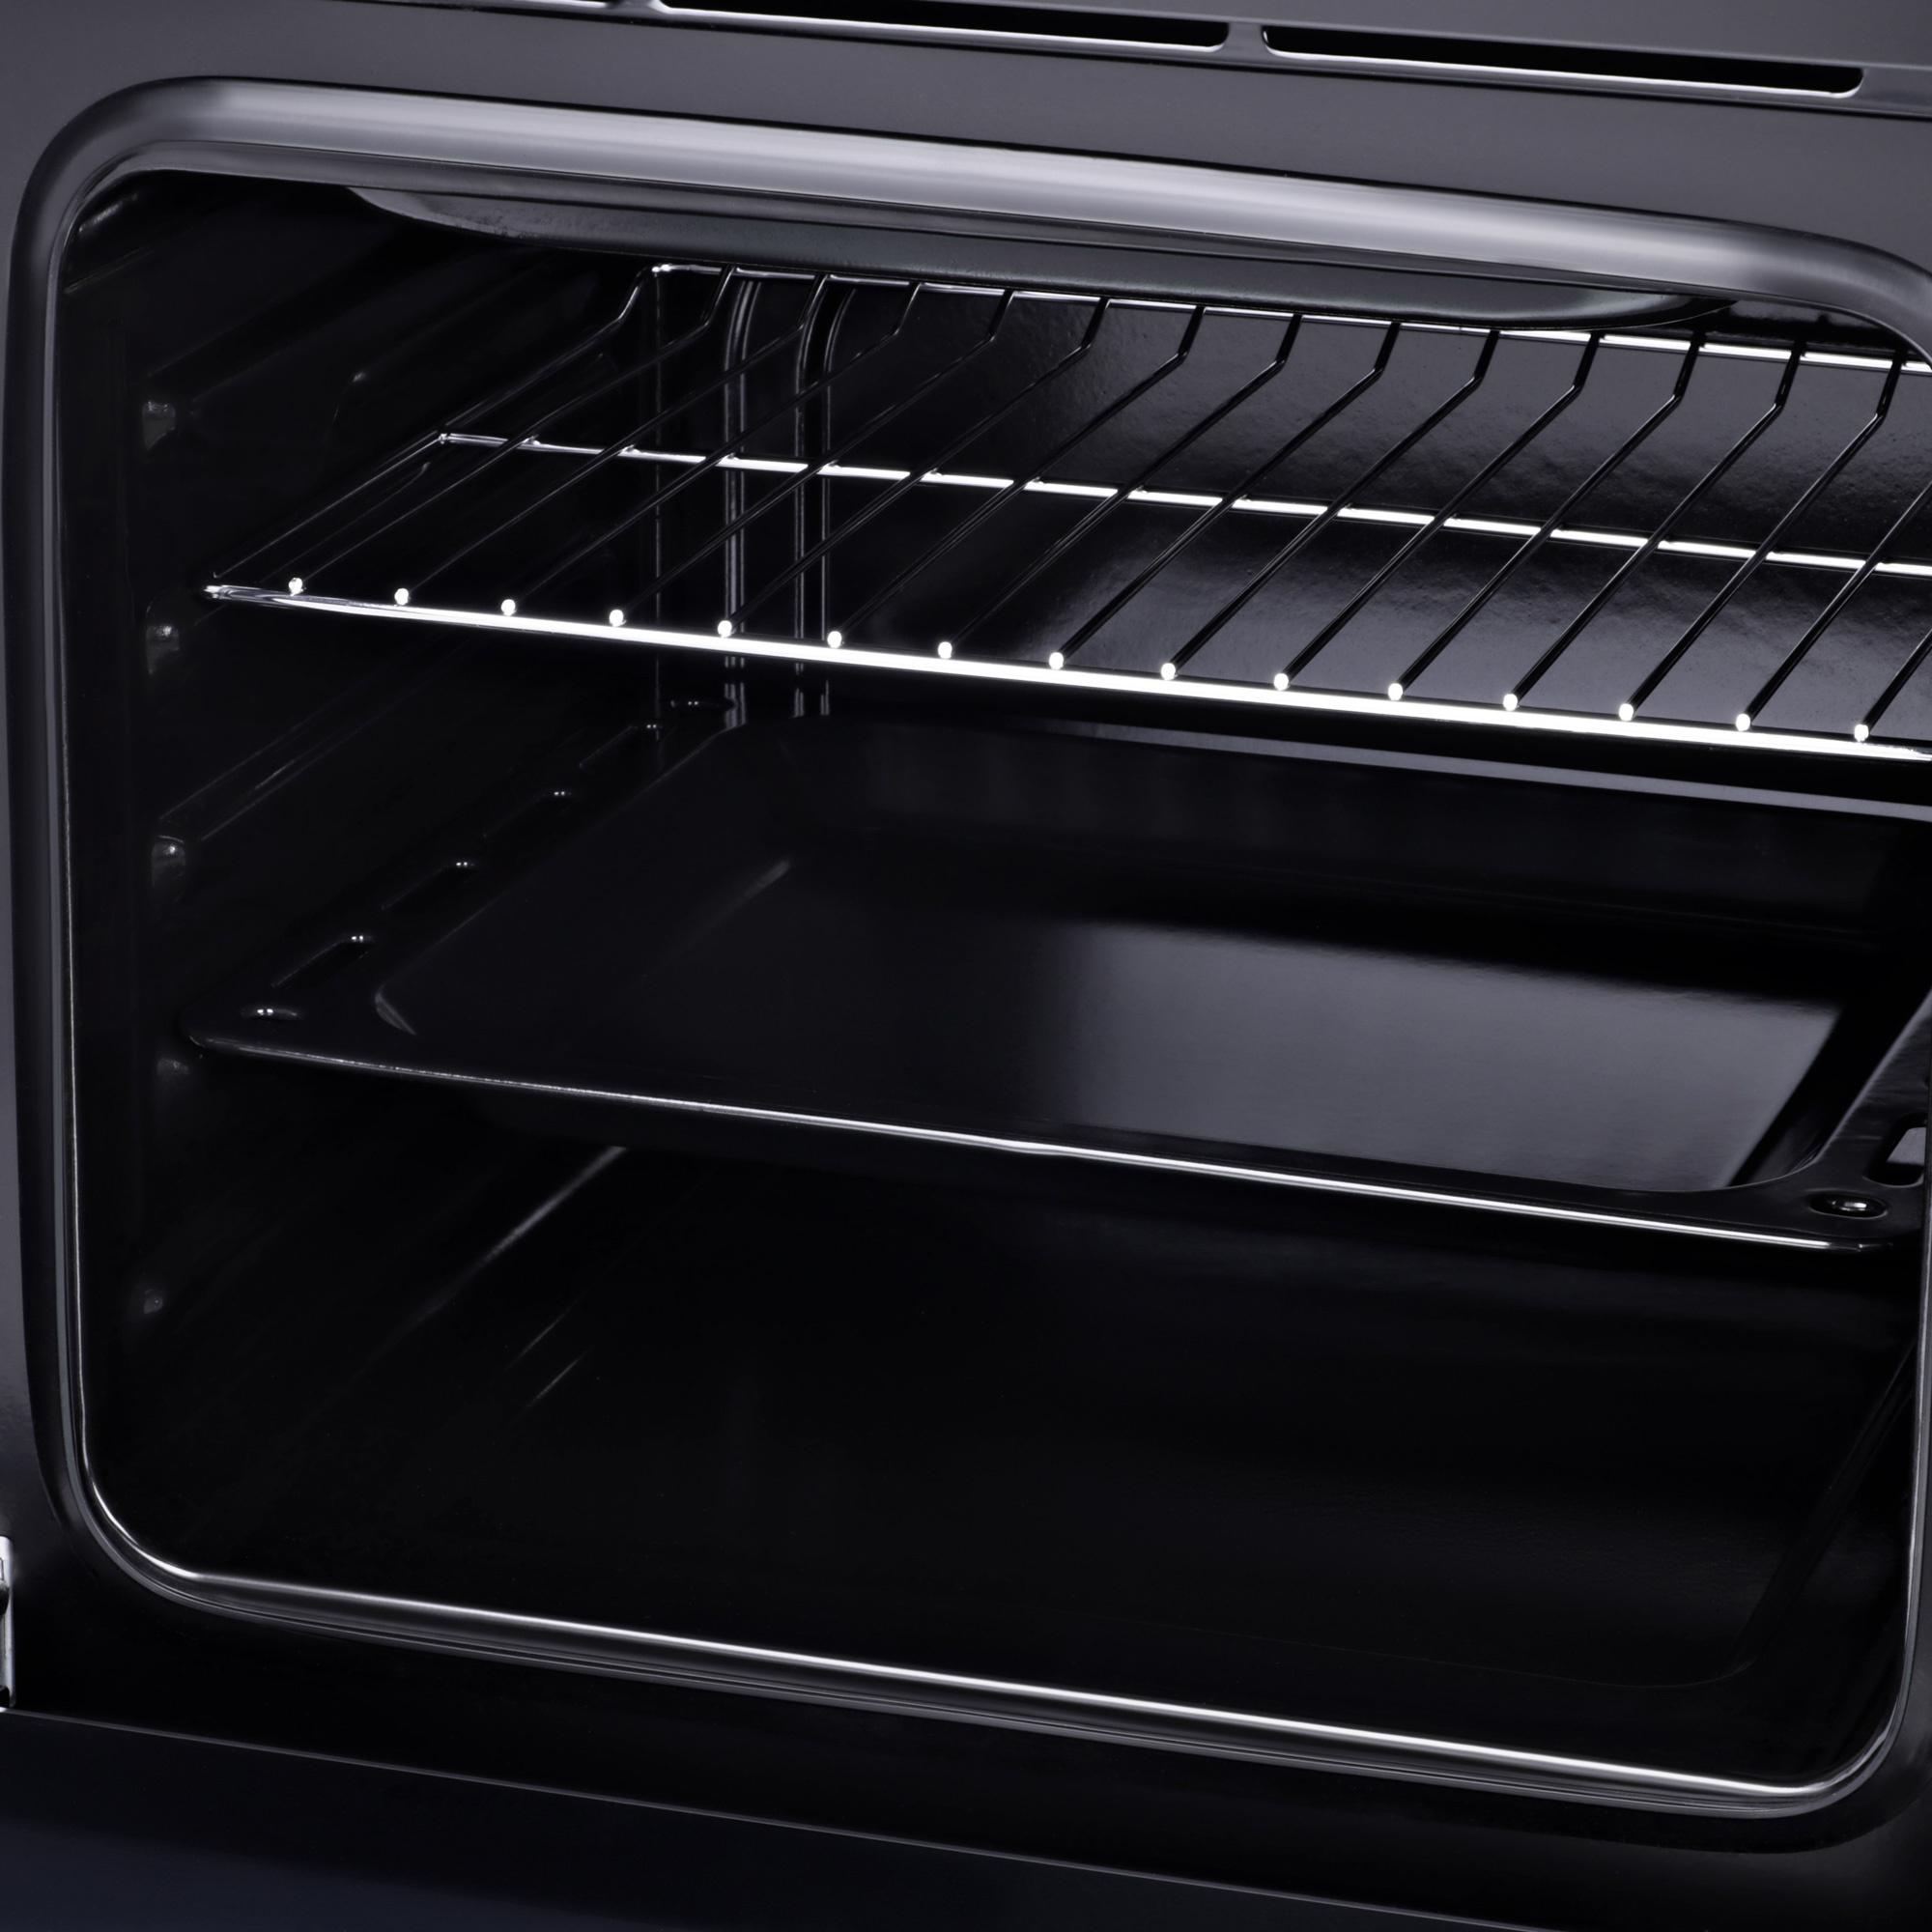 Духовой шкаф Электрический Hyundai HEO 6630 BG черный